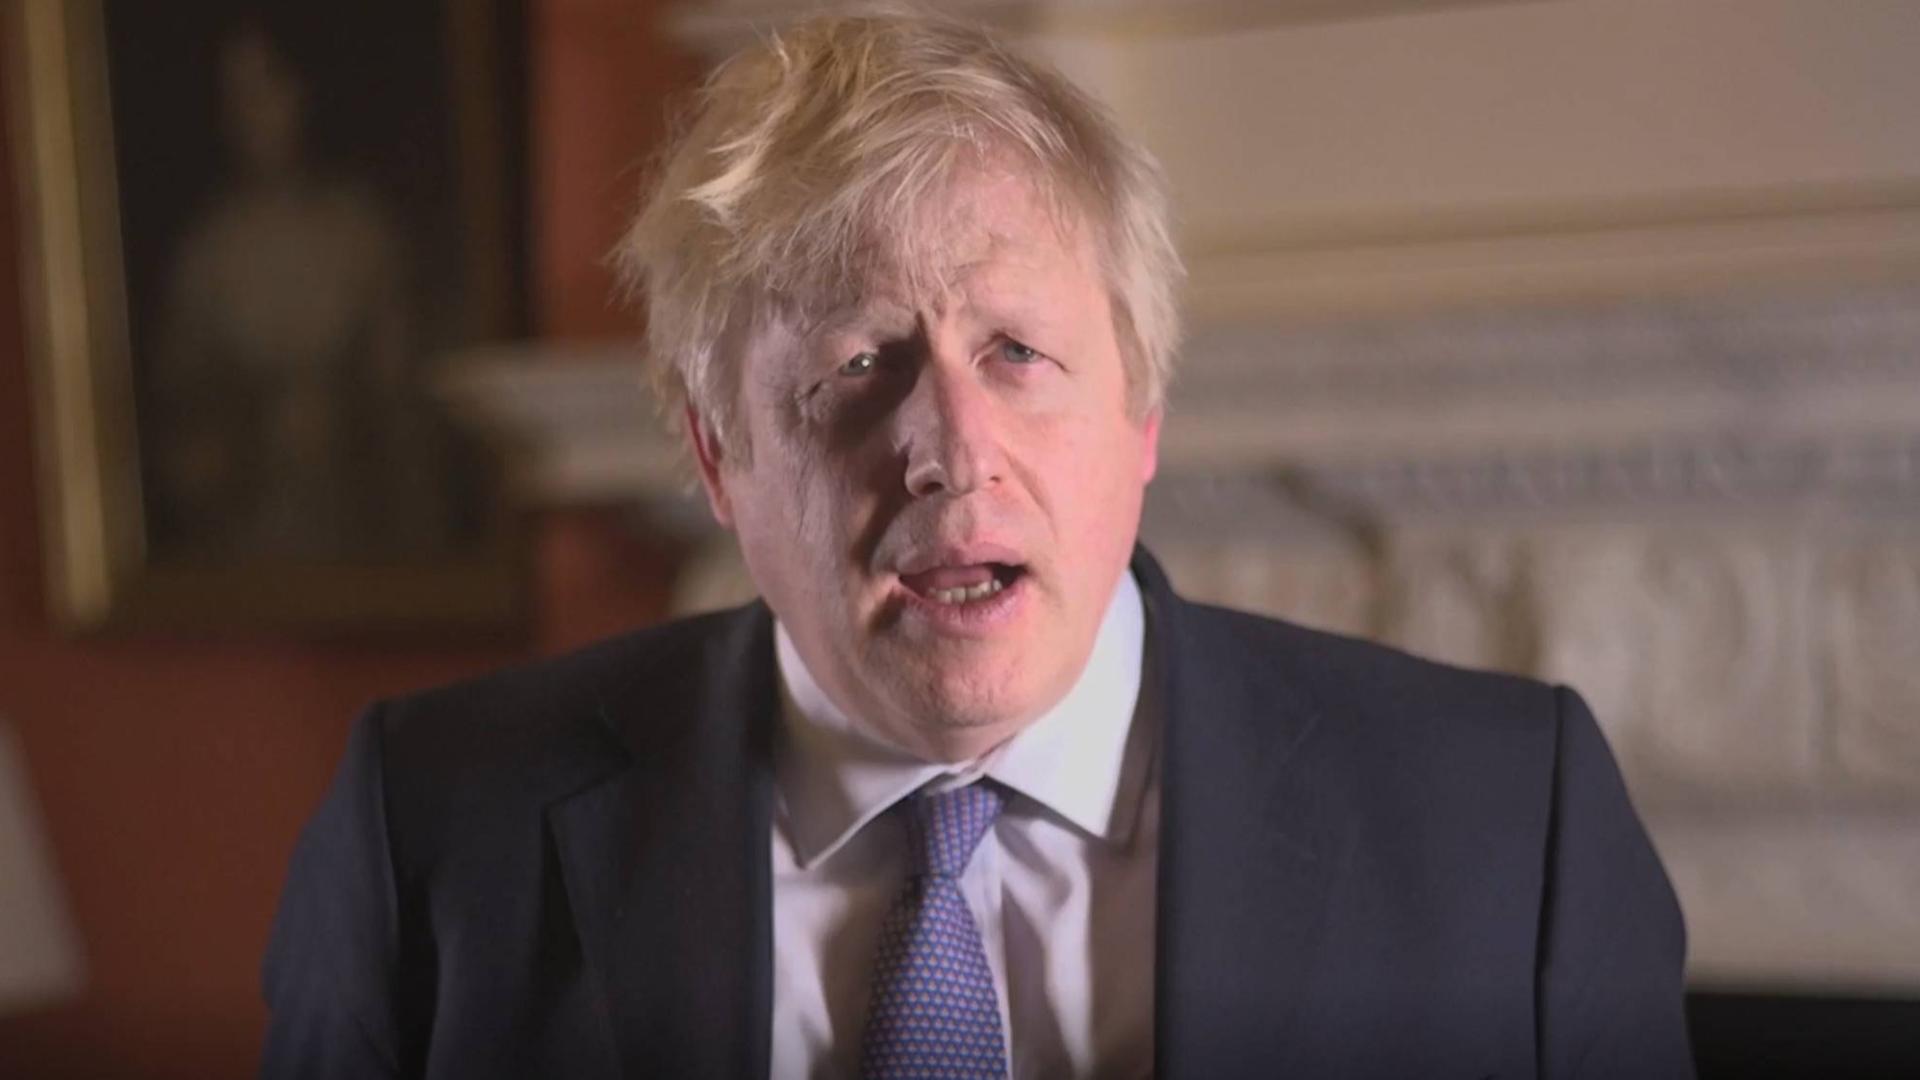 【凯申搬运】英国首相鲍里斯·约翰逊2020年新年贺词——英文字幕版